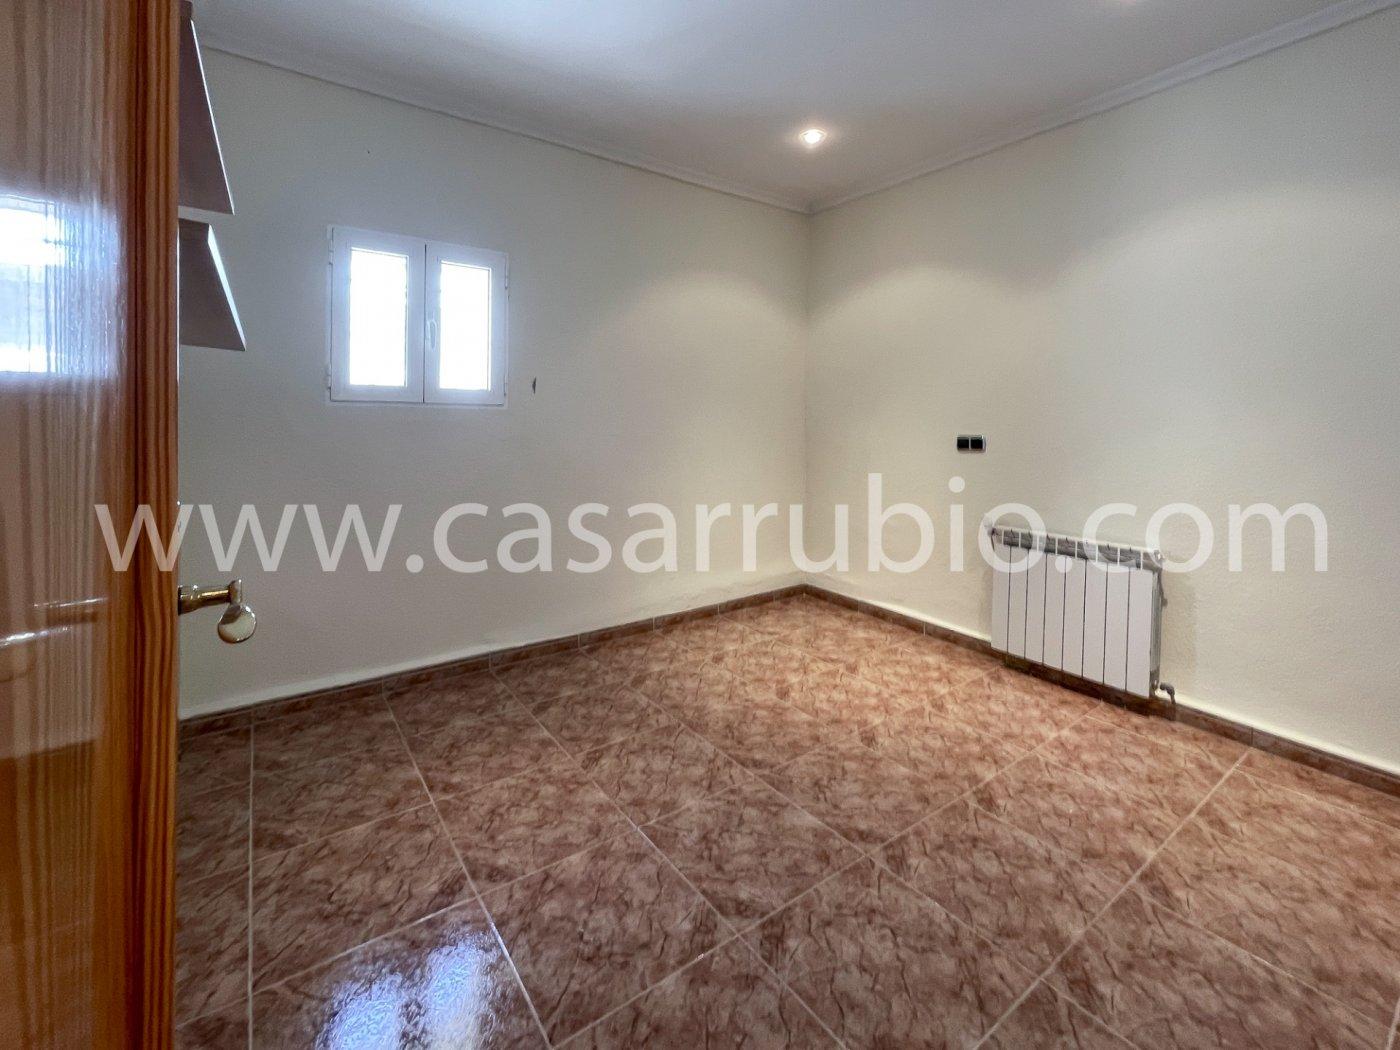 Estupenda casa reformada y con terraza en onil !! - imagenInmueble11